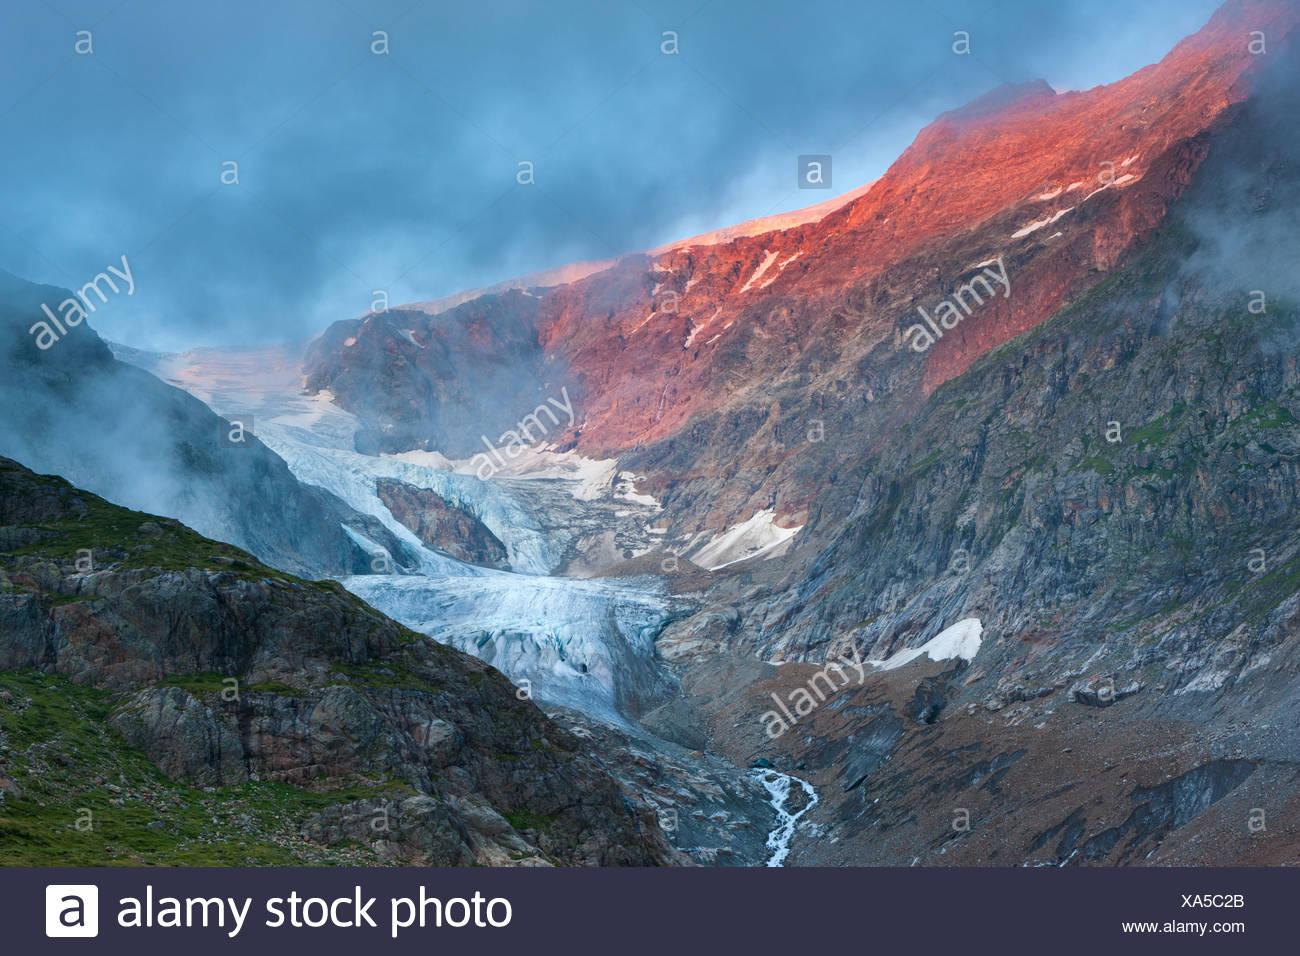 Il ghiacciaio di pietra, Svizzera, Europa, il cantone di Berna Oberland Bernese, Gadmental, ghiacciaio, ghiaccio, rock, Cliff, luce della sera Immagini Stock